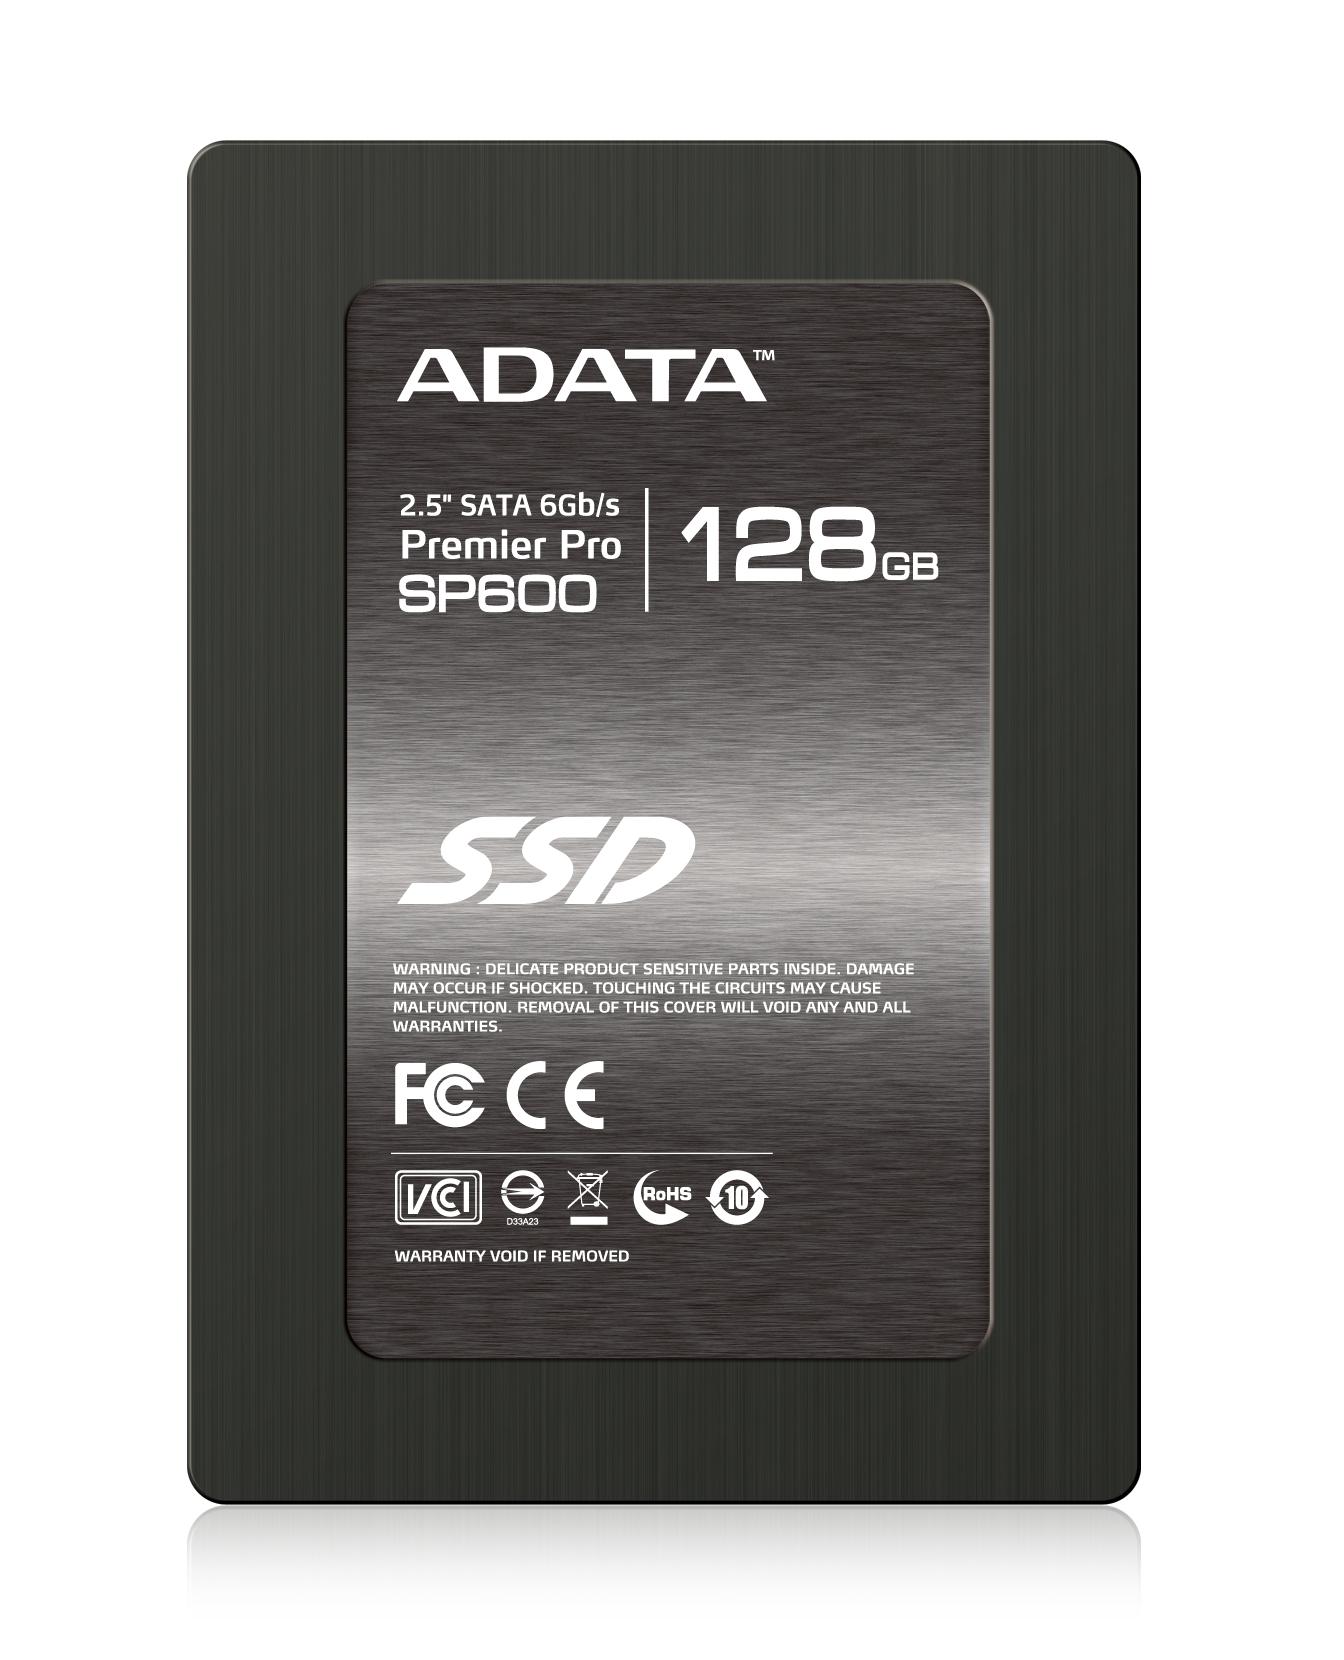 ADATA SP600 128GB